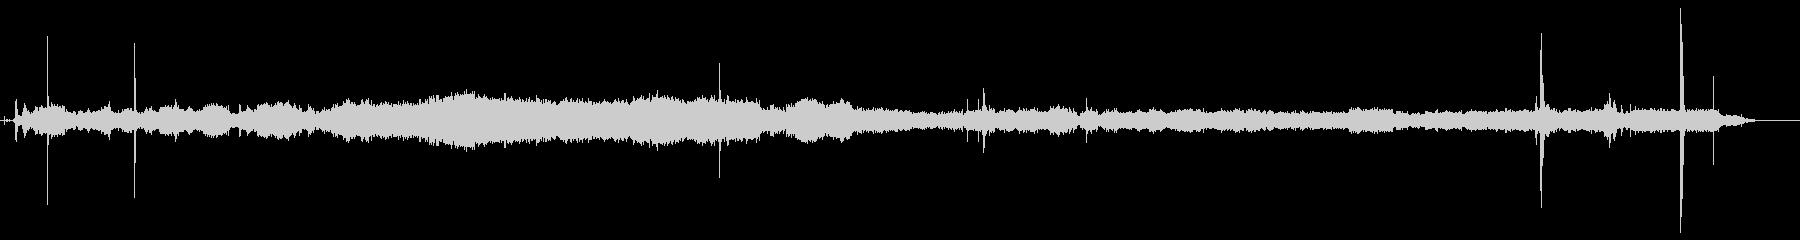 ローリートラック-ピータービルト-...の未再生の波形